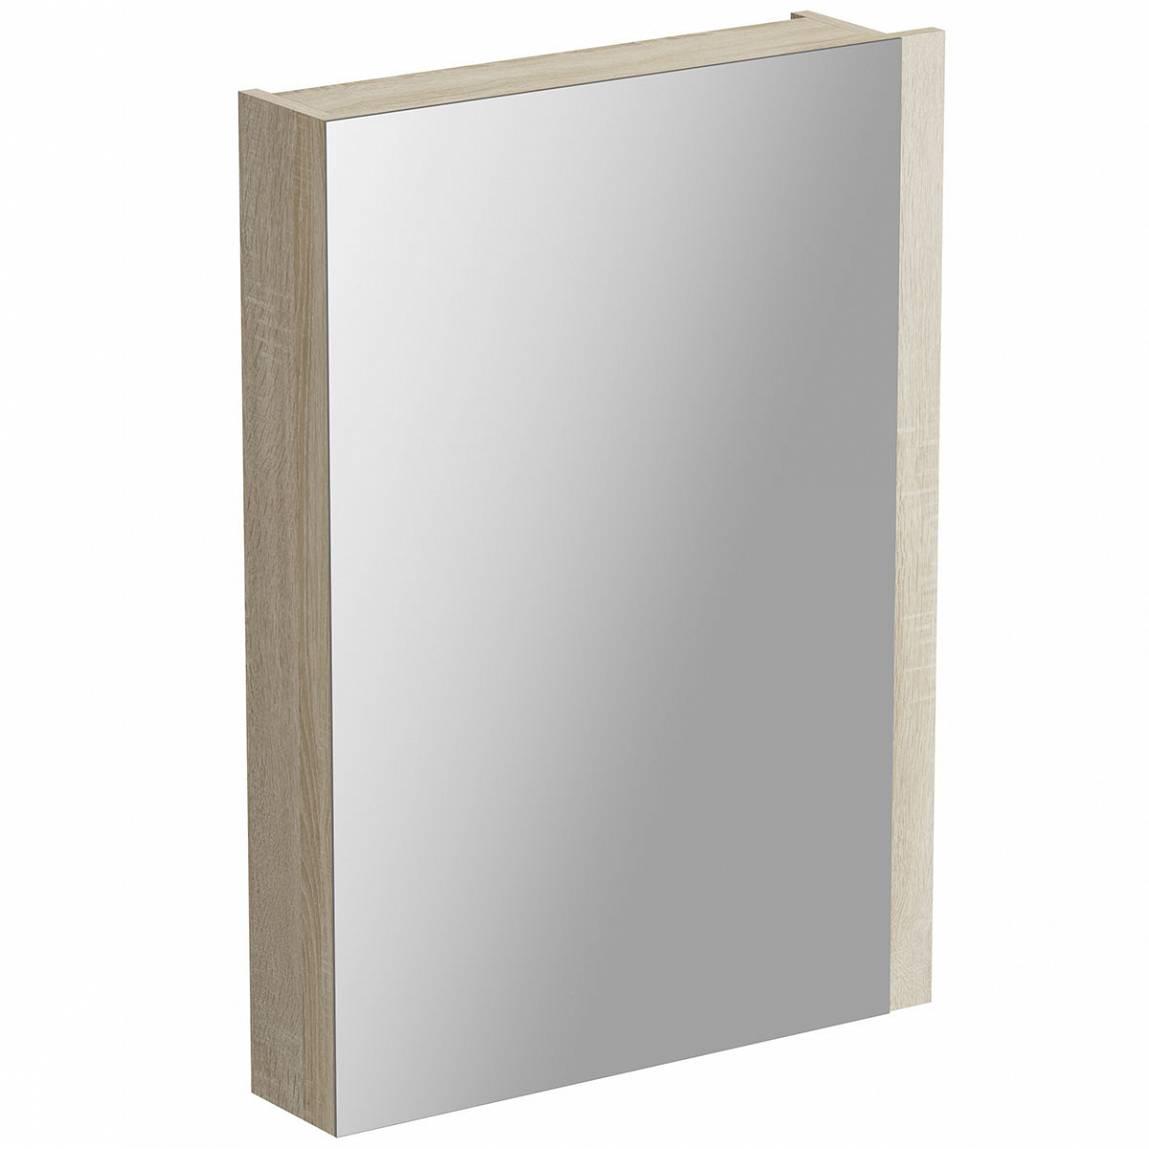 Image of Drift Sawn Oak Mirror Cabinet